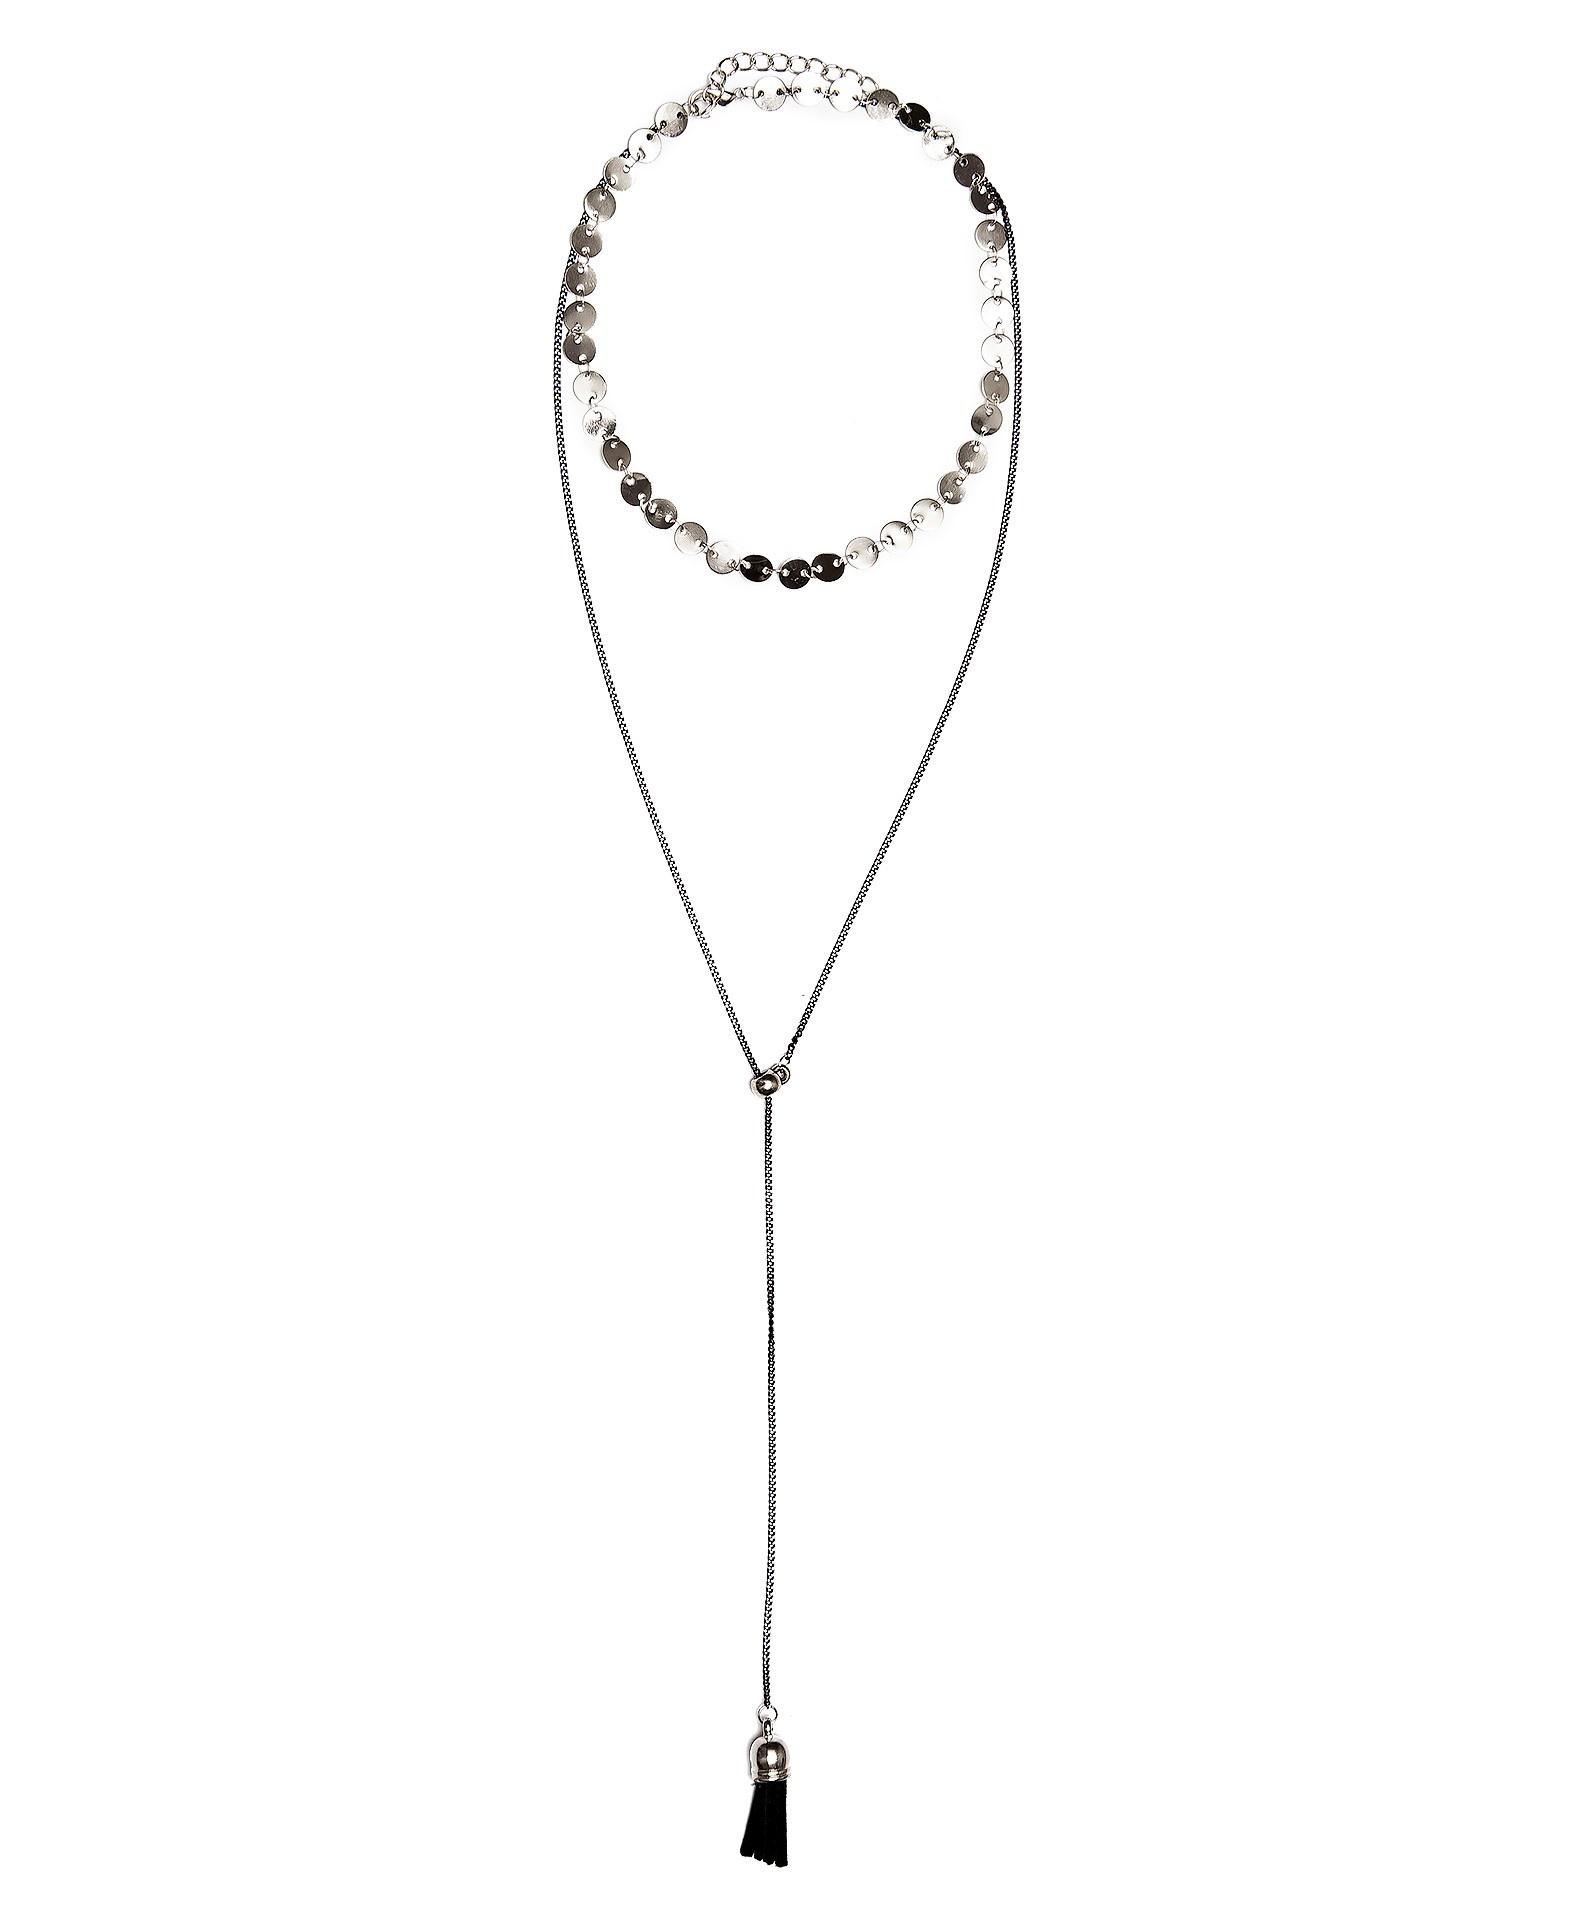 Колье Aiyony Macie, NC800125, серебряныйNC800125Размер 31+4 х 07 см, размер украшения 38 х 0,8 см. Состав: сплав на основе латуни, текстиль